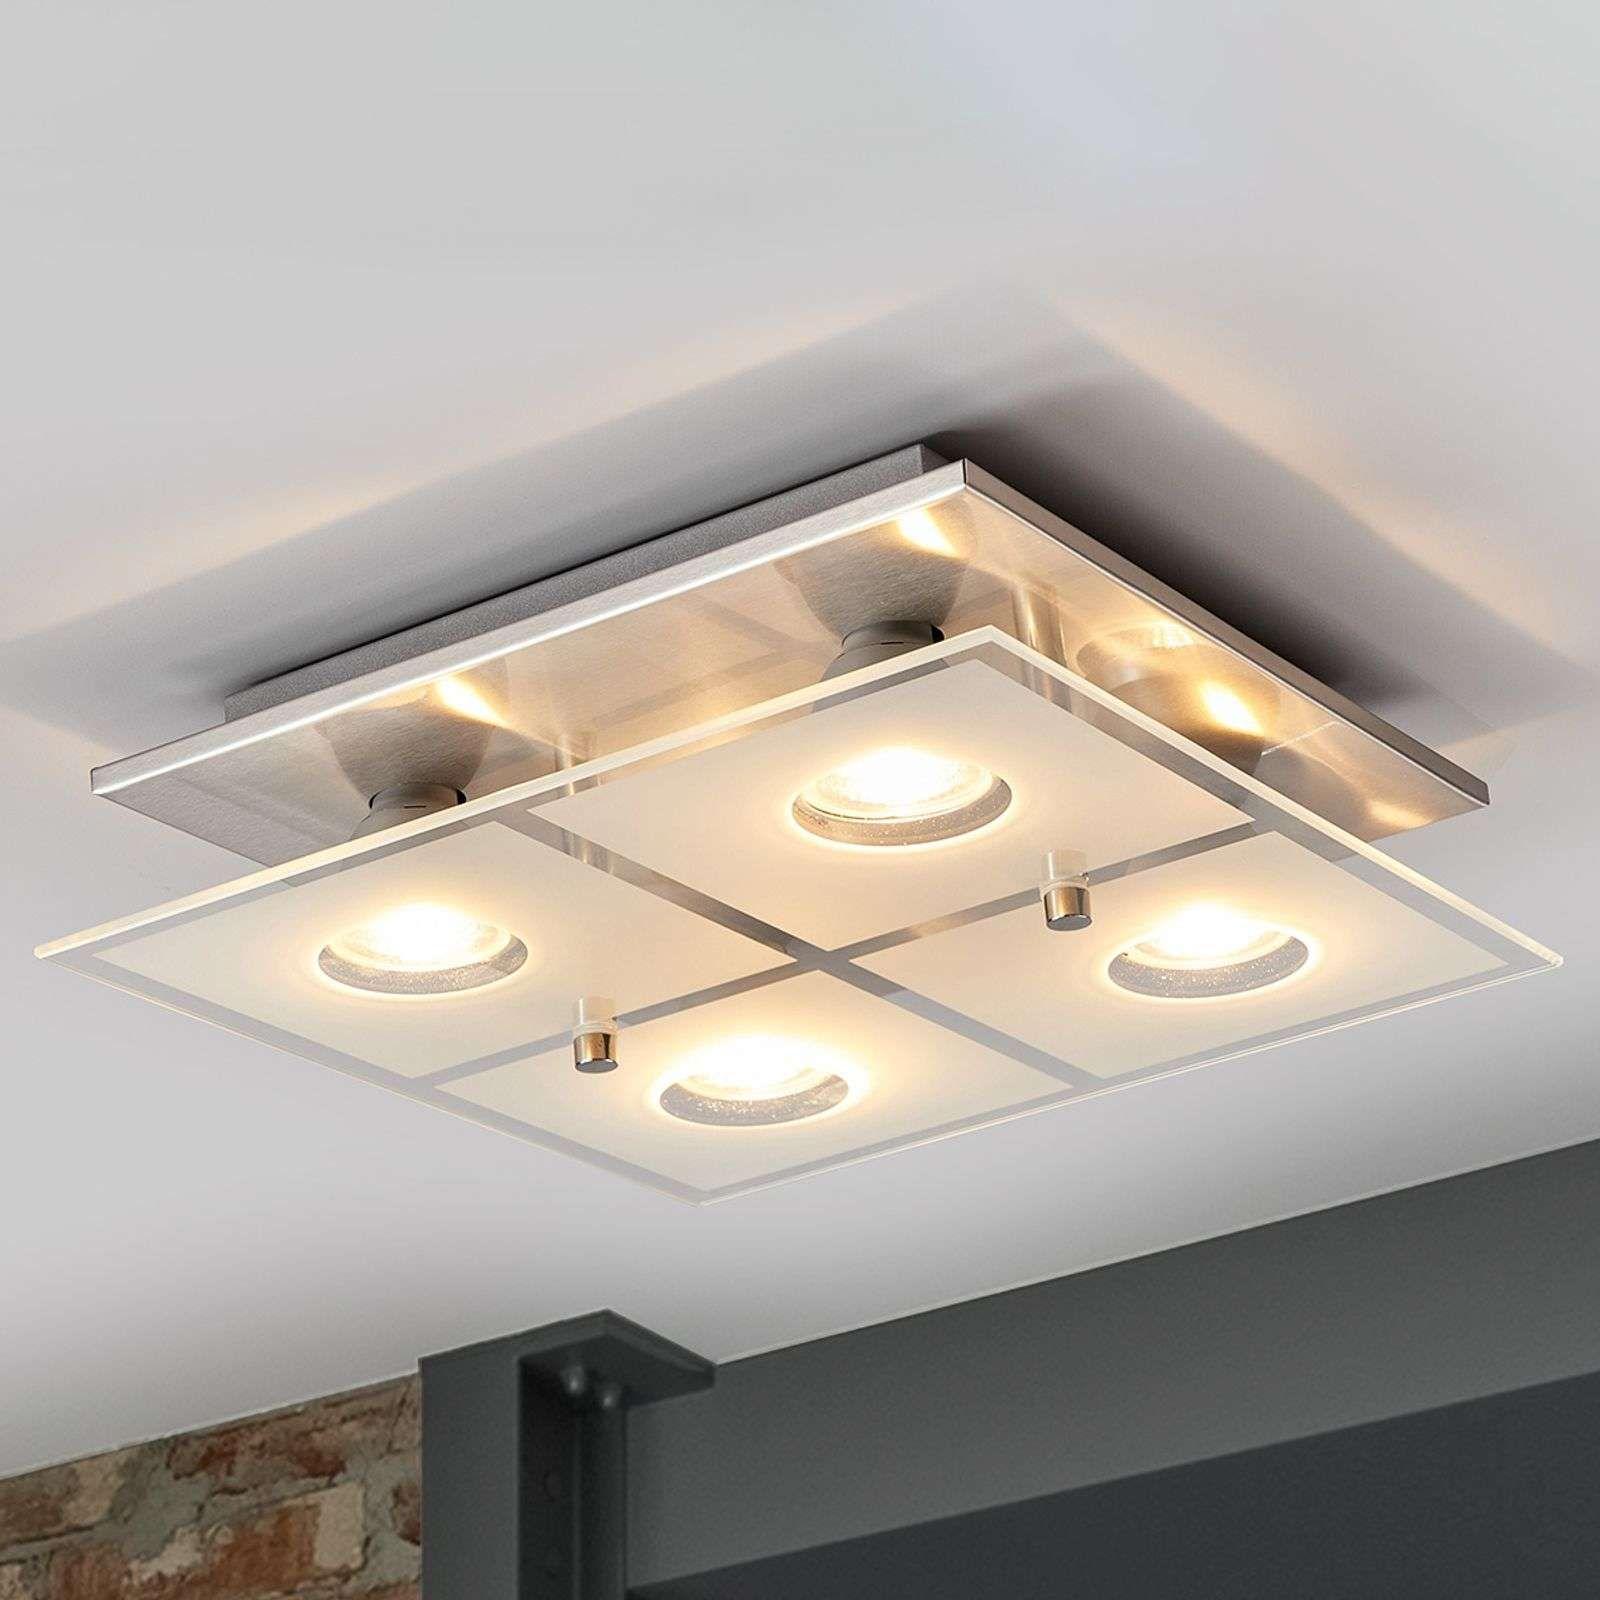 deckenlampen büro günstig  helle deckenleuchte wohnzimmer  led